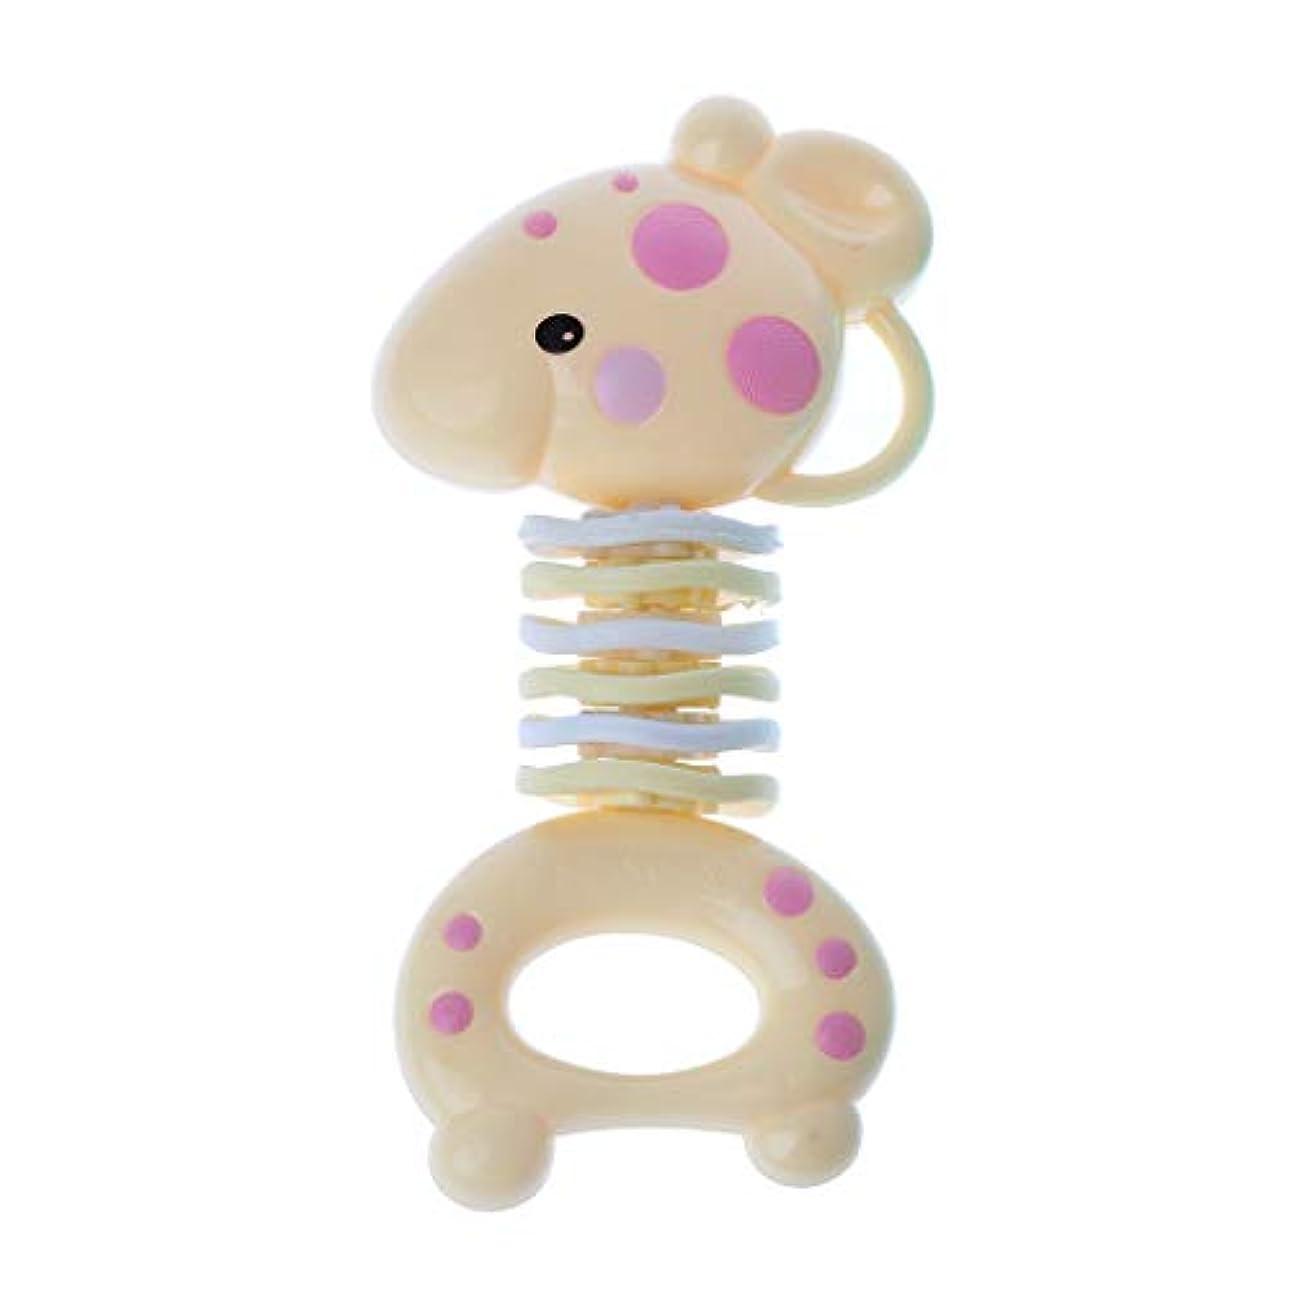 小間付添人レンズLanddumシリコーン歯が生える癒しのおもちゃ赤ちゃんのおしゃぶりスティック固体の歯の赤ちゃんのガラガラのおしゃぶり玩具グッタ臼歯バーベル - カニ